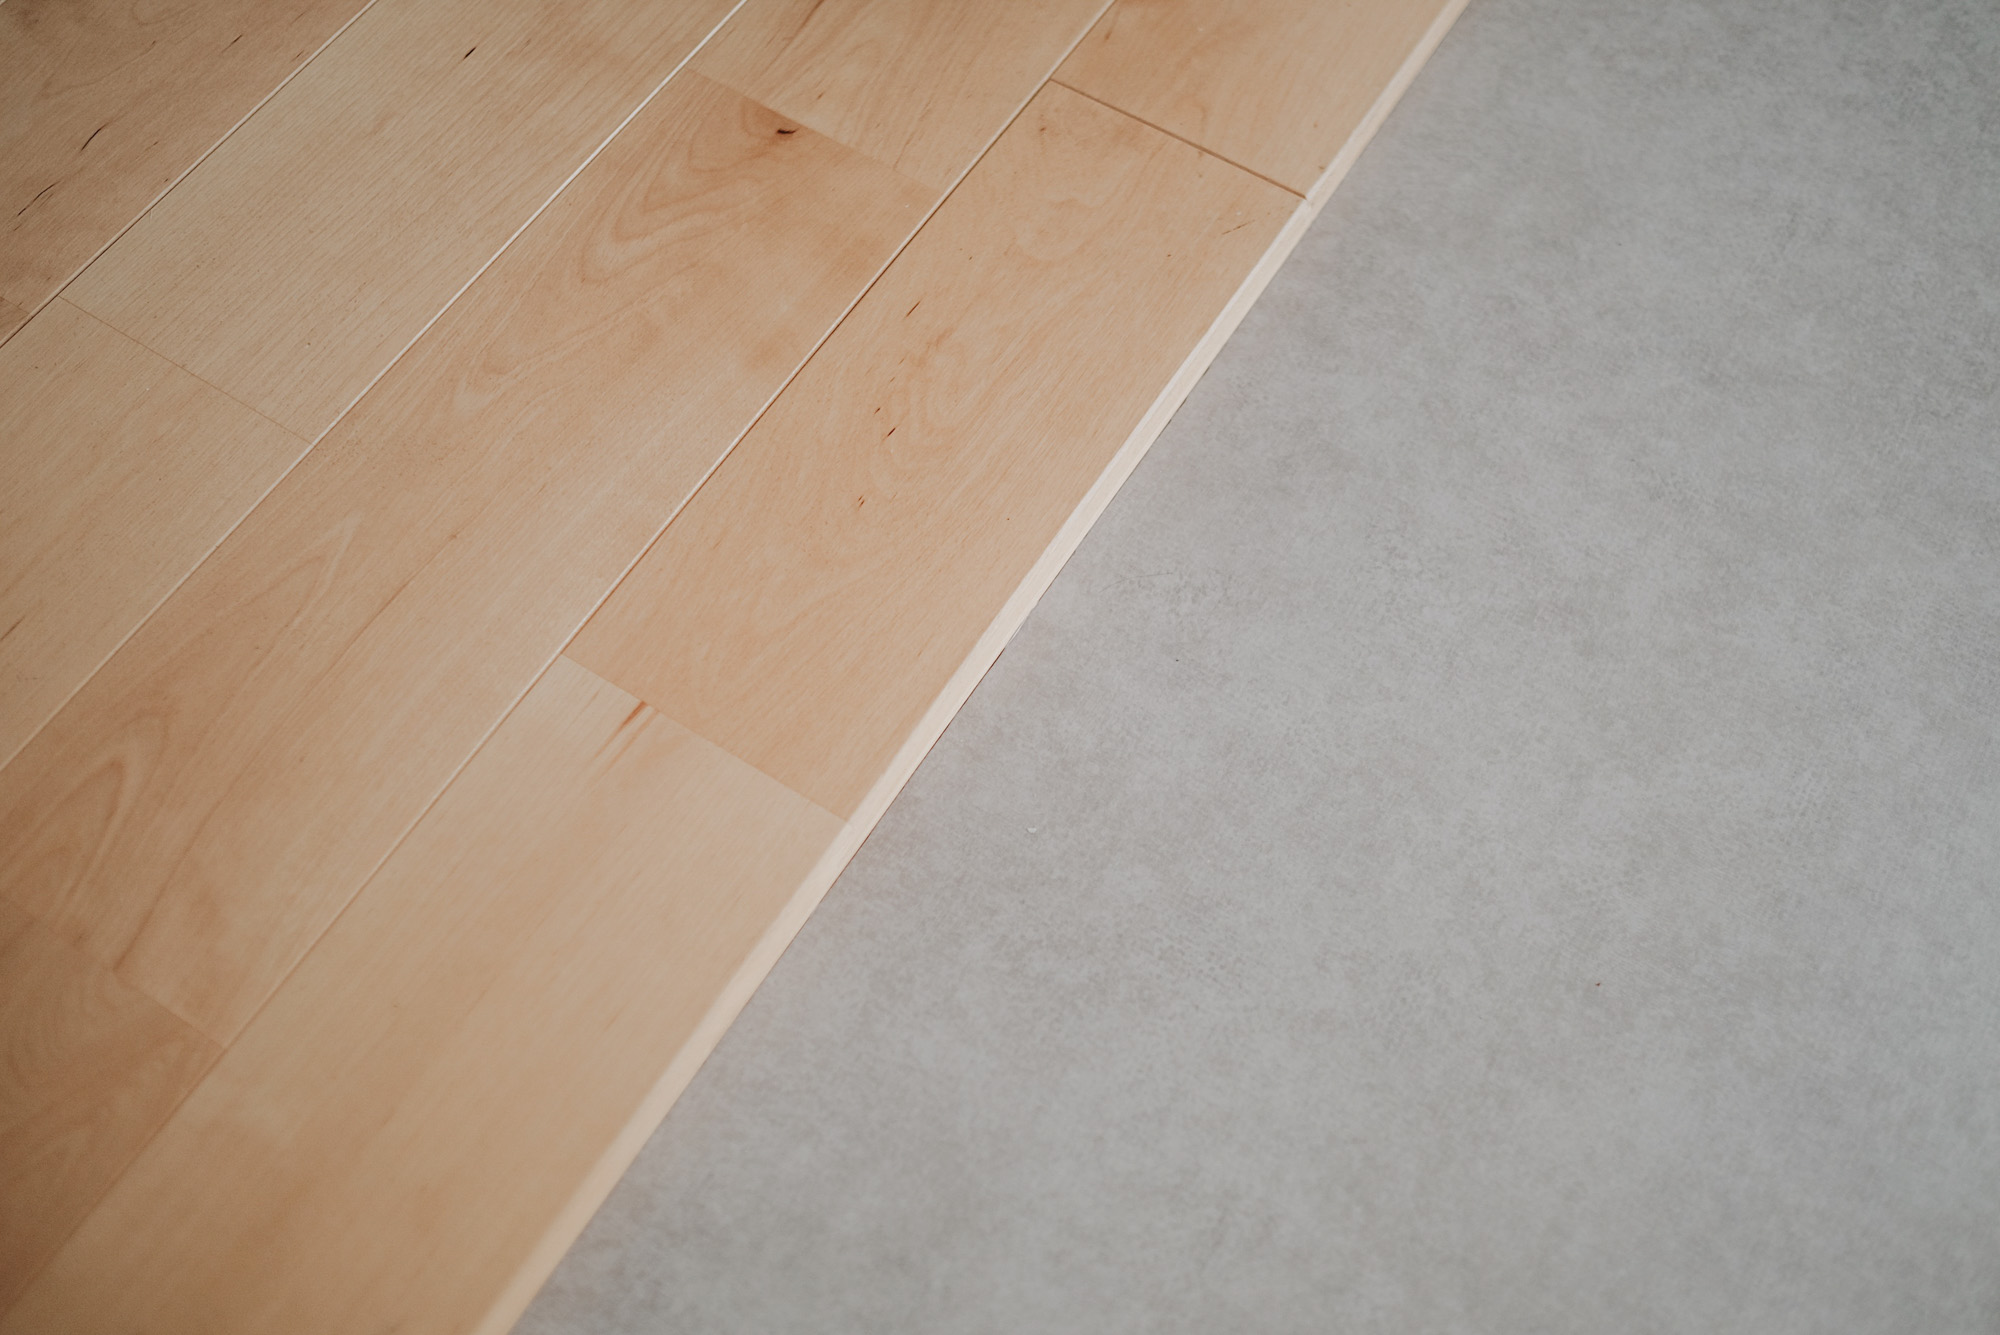 居室部分は、kannaさんも見てすぐに気に入られたという無垢フローリング。キッチン部分はモルタル風のフロアタイルと、床材を変えることでゆるく空間を区切っています。